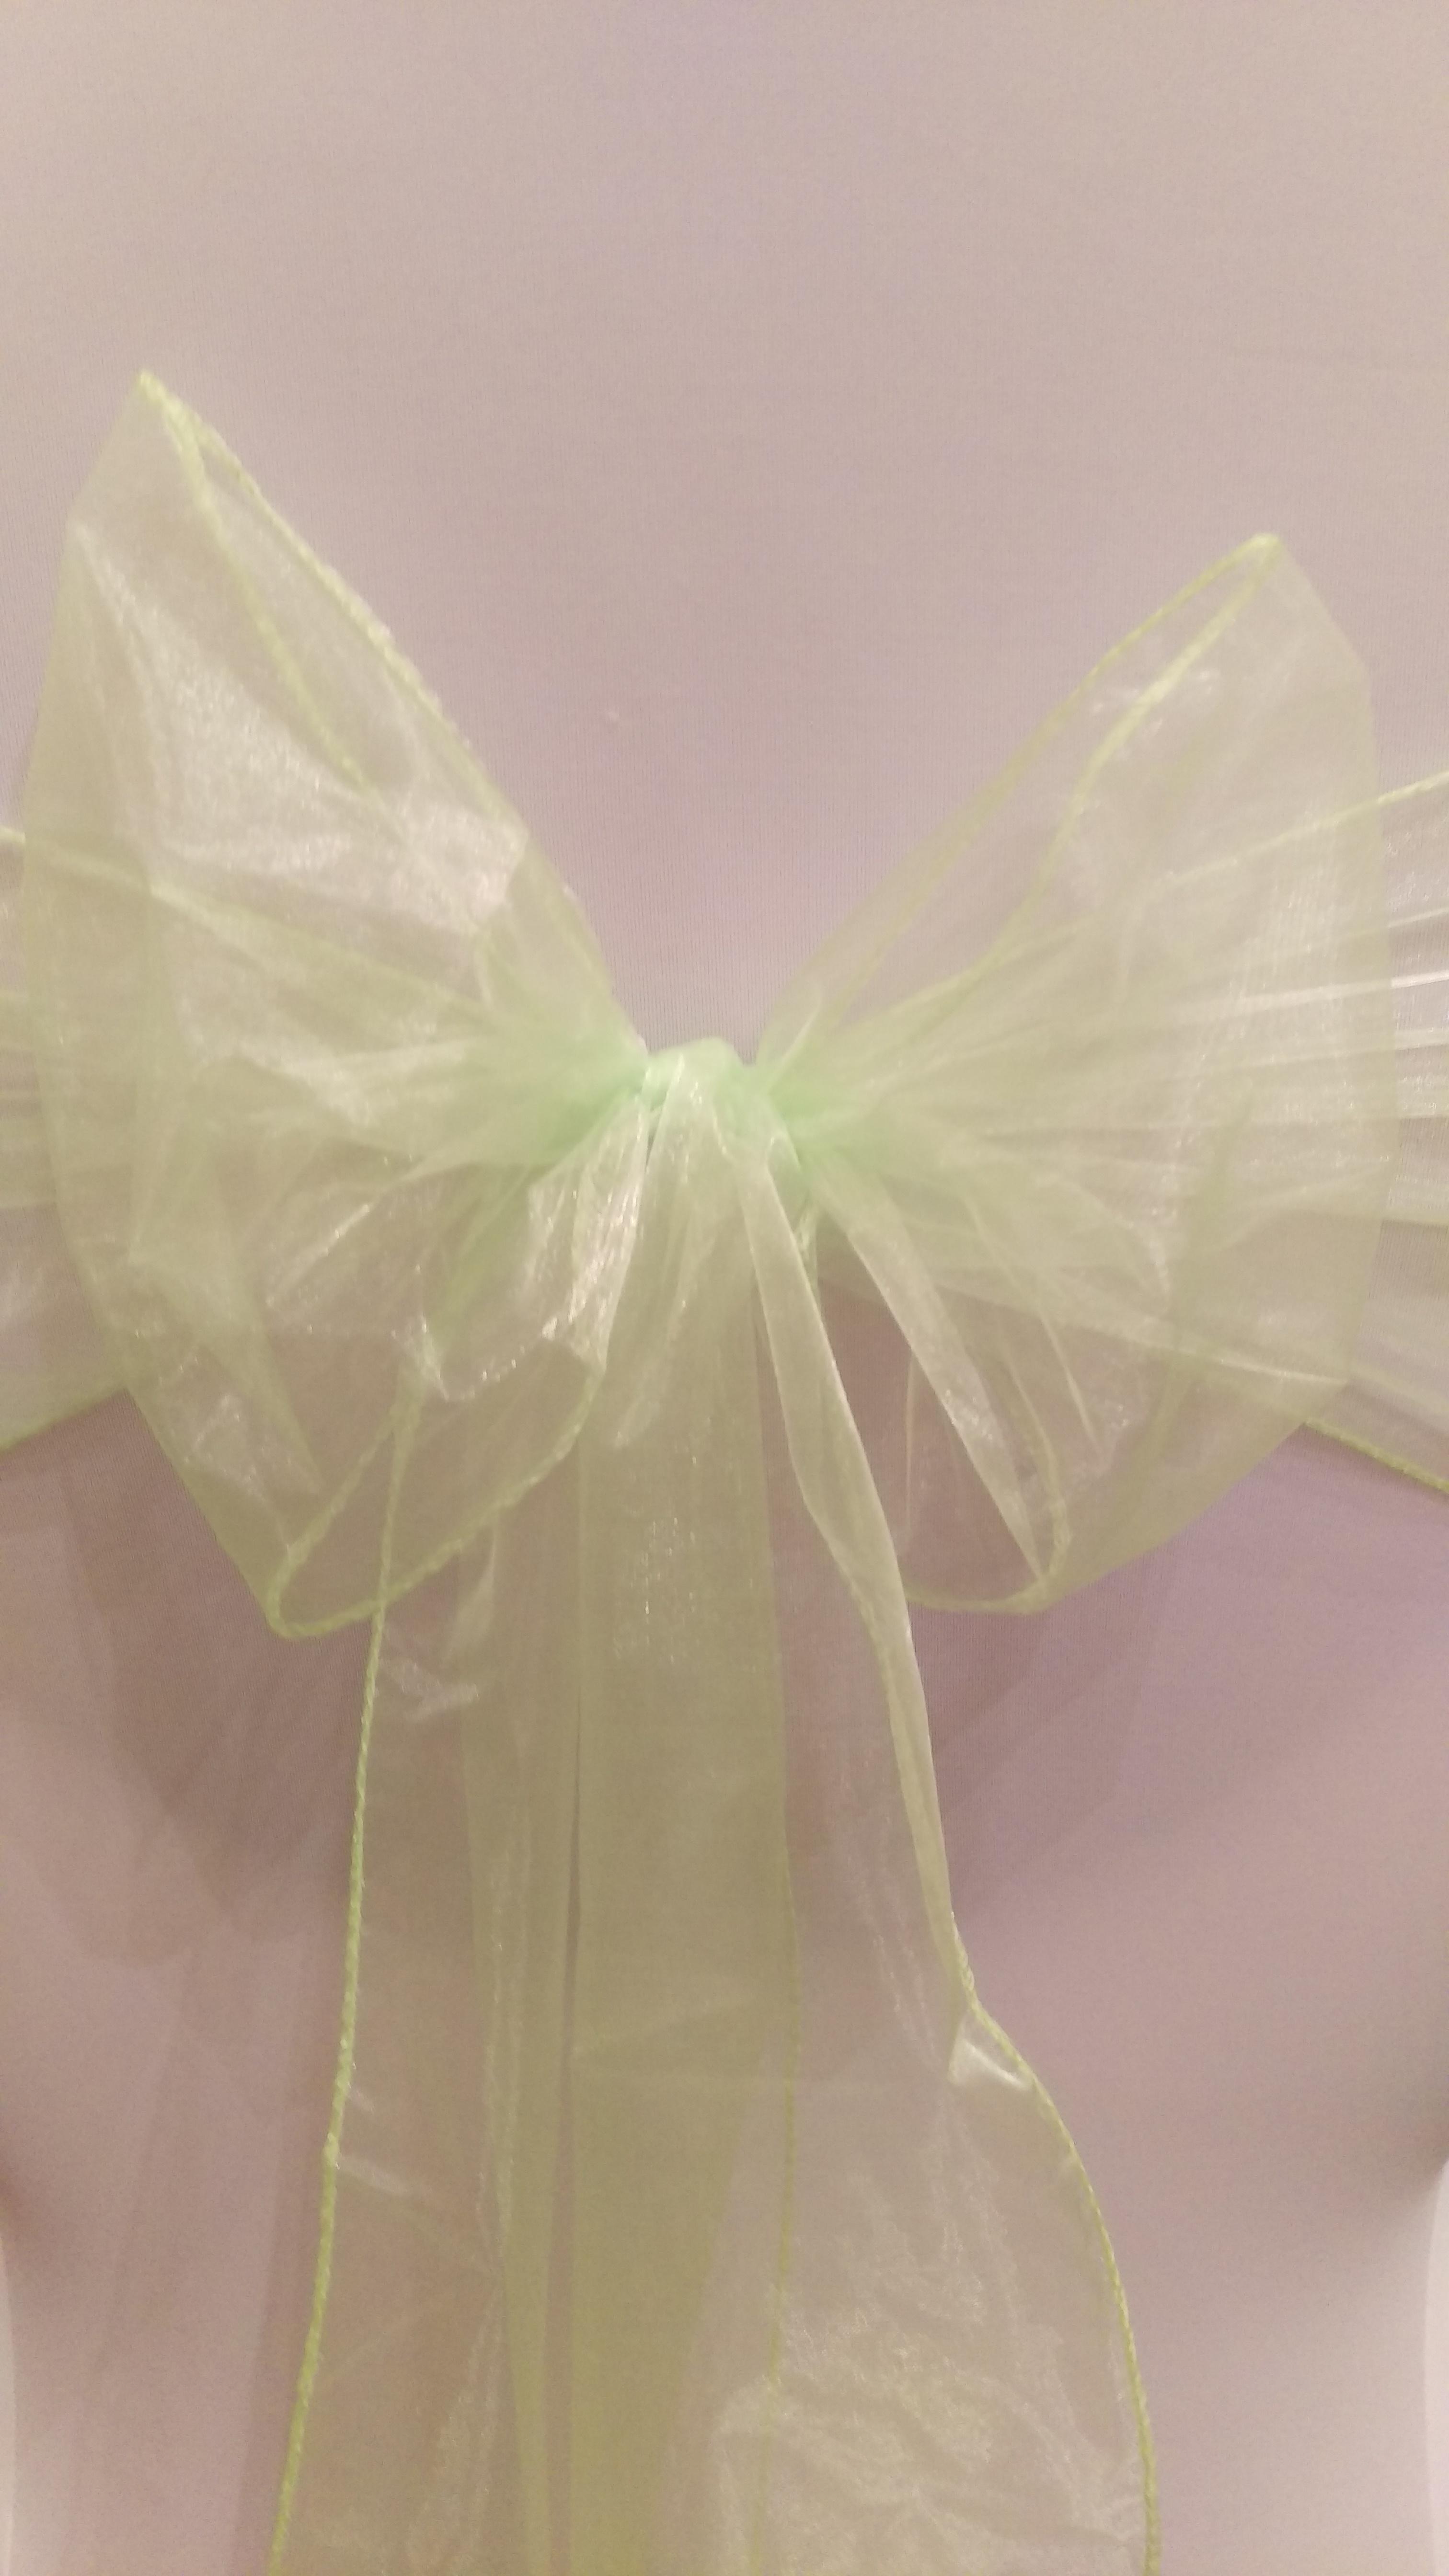 Lime/Apple Green Organza Sash #23